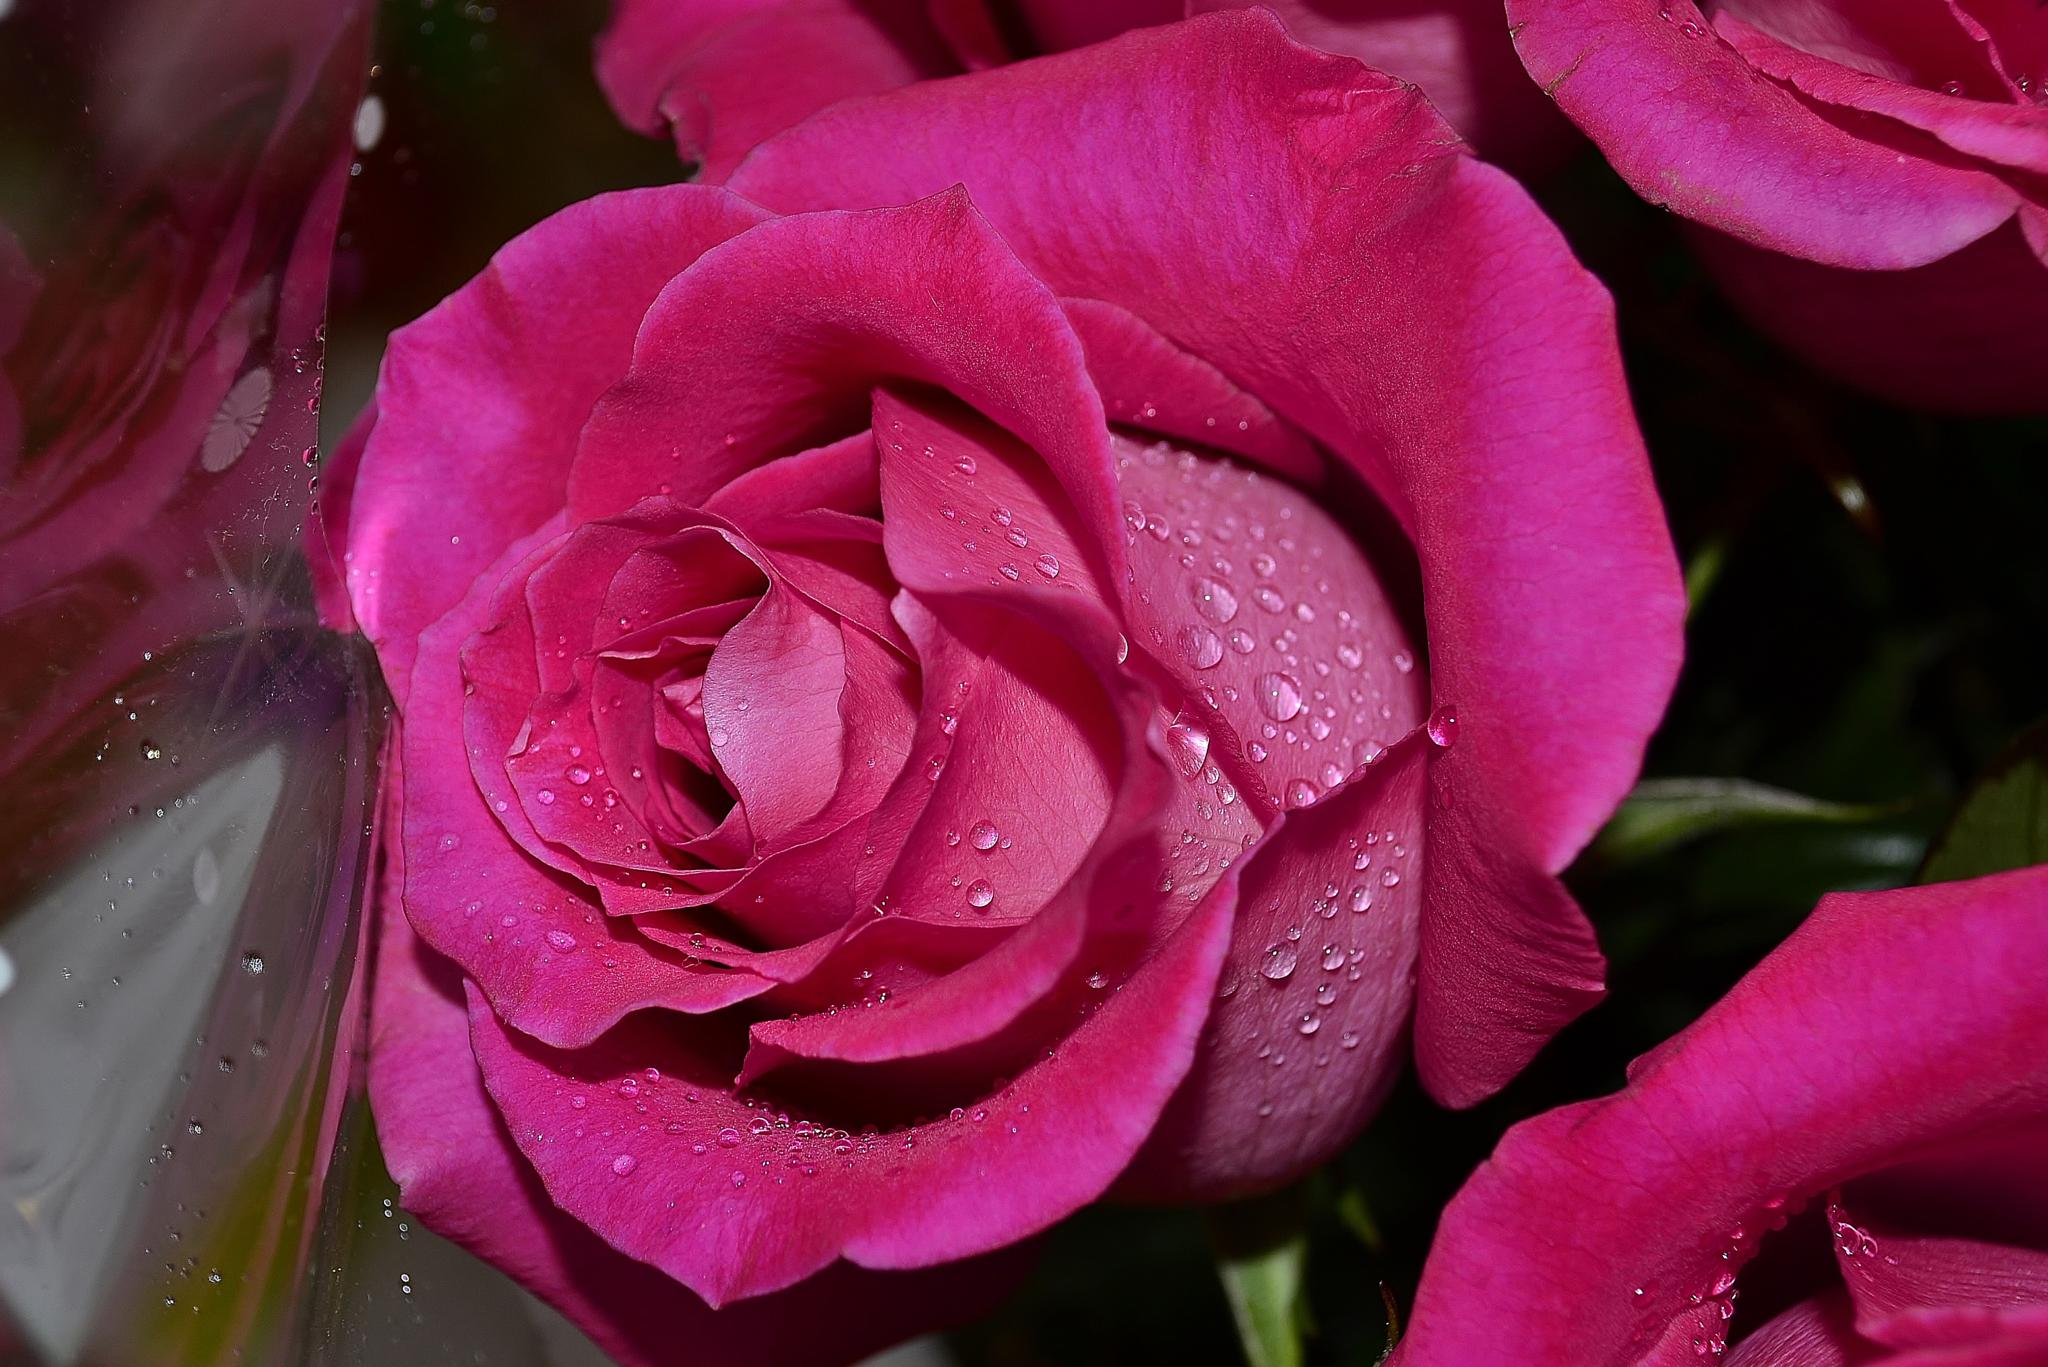 Rose by Anastasiya Tarasova